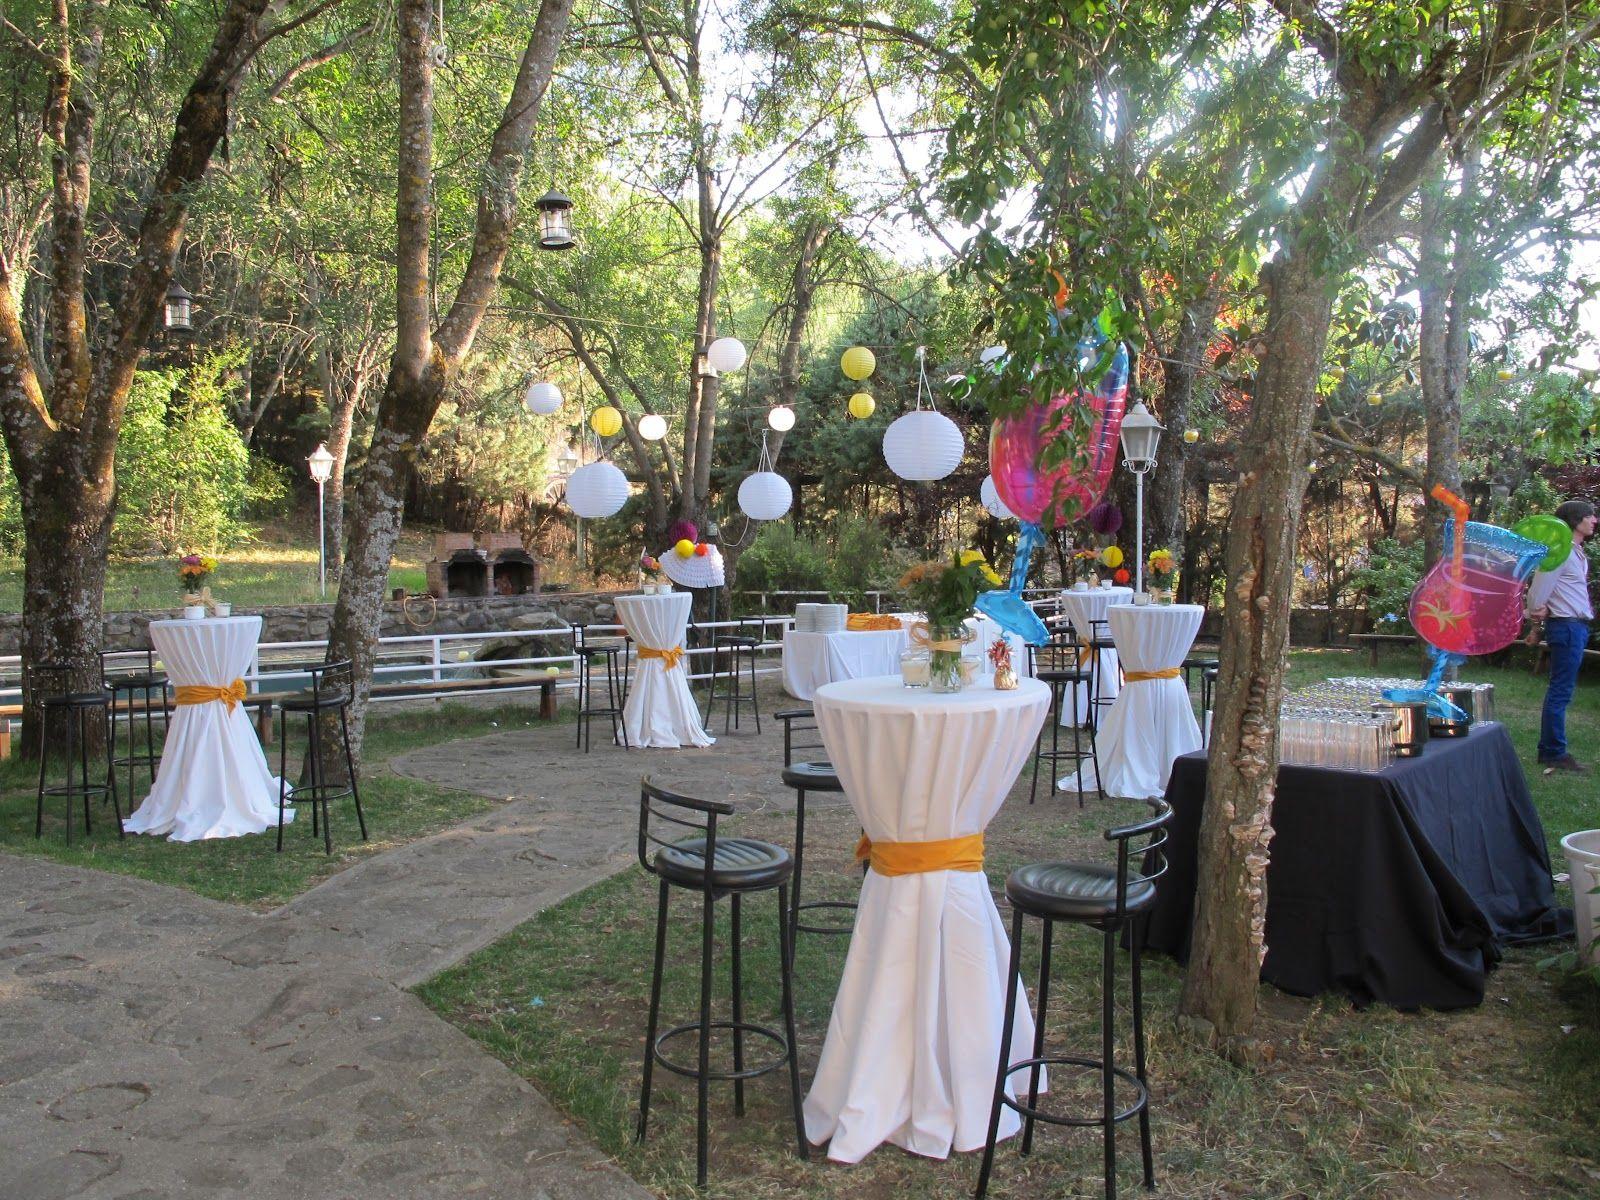 Imagen matrimonio en el campo decorada con globos - Arreglos con globos para boda ...